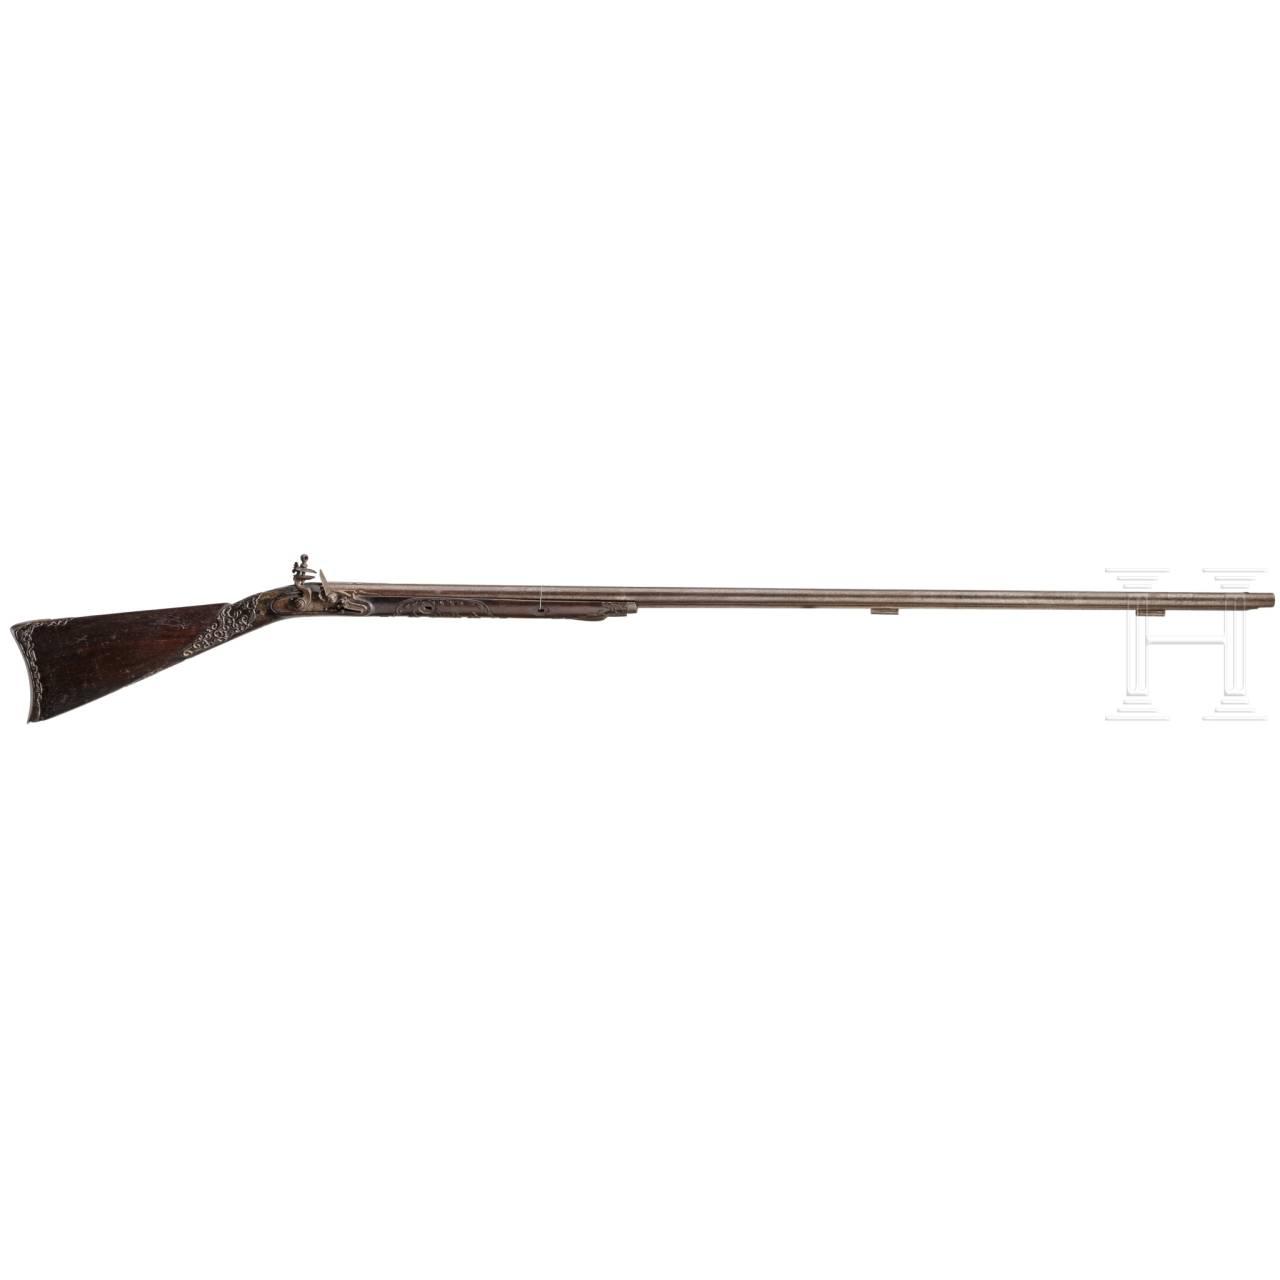 A Chinese flintlockgun, circa 1800